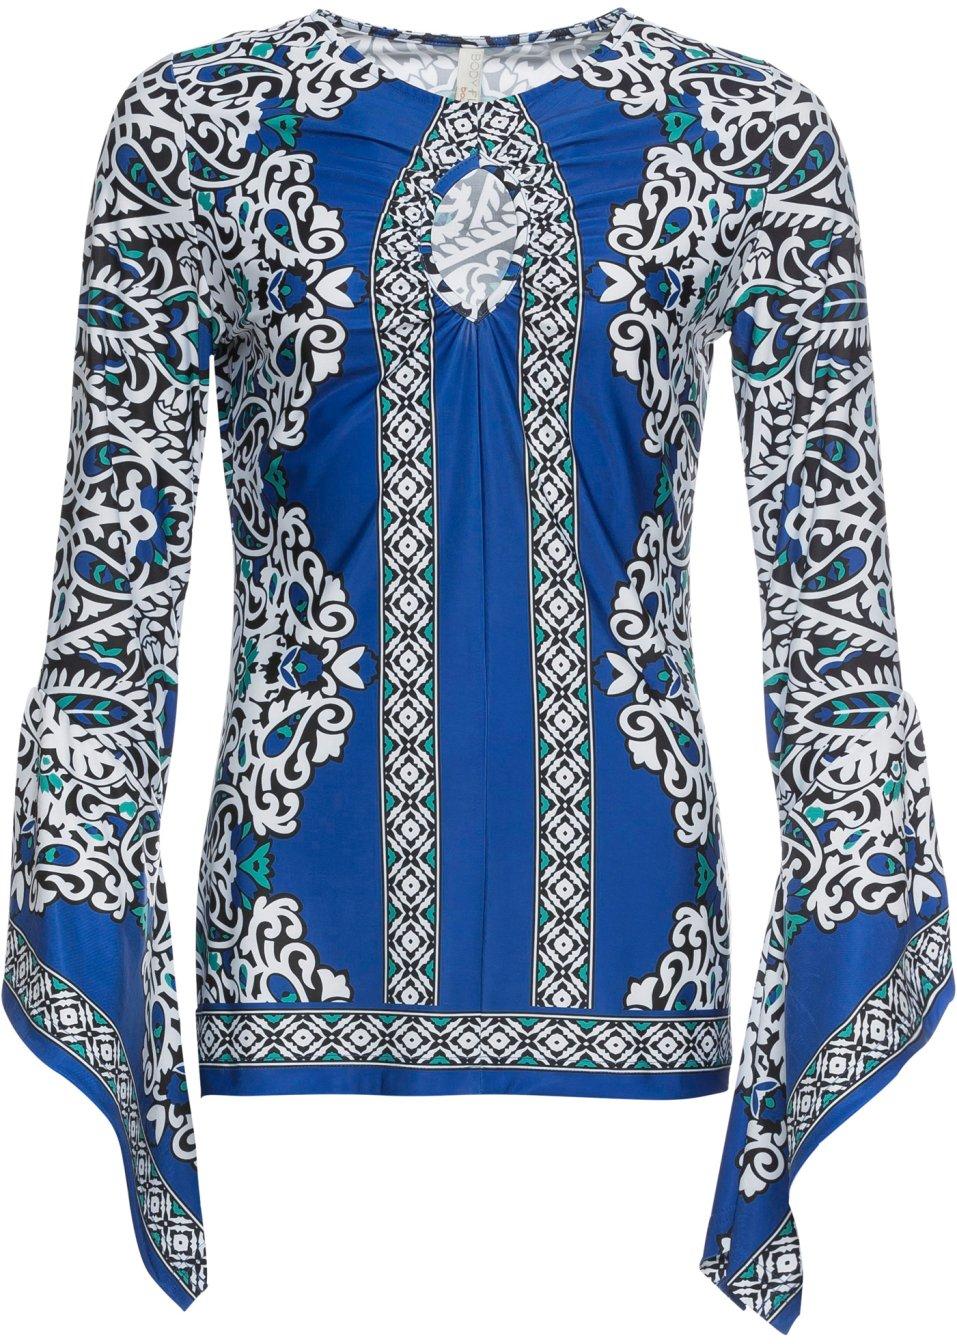 Shirtkleid mit Trompeten-Ärmel blau/weiß gemustert - Damen - bonprix.de Ak3mP P7s1v